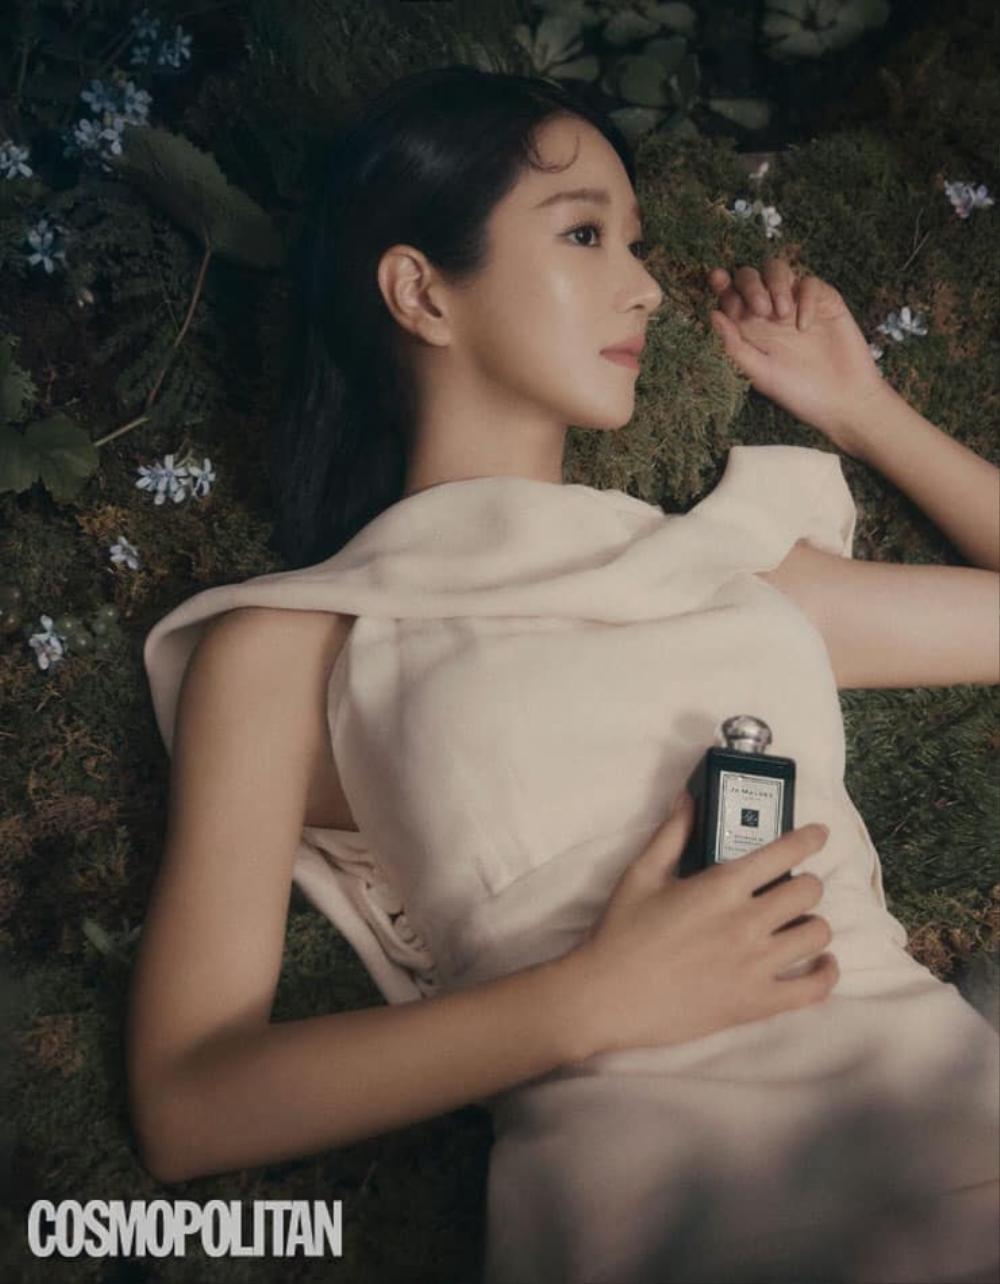 'Điên nữ' Seo Ye Ji đẹp mơ màng khi làm nàng thơ cho hãng thời trang Pháp Ảnh 8